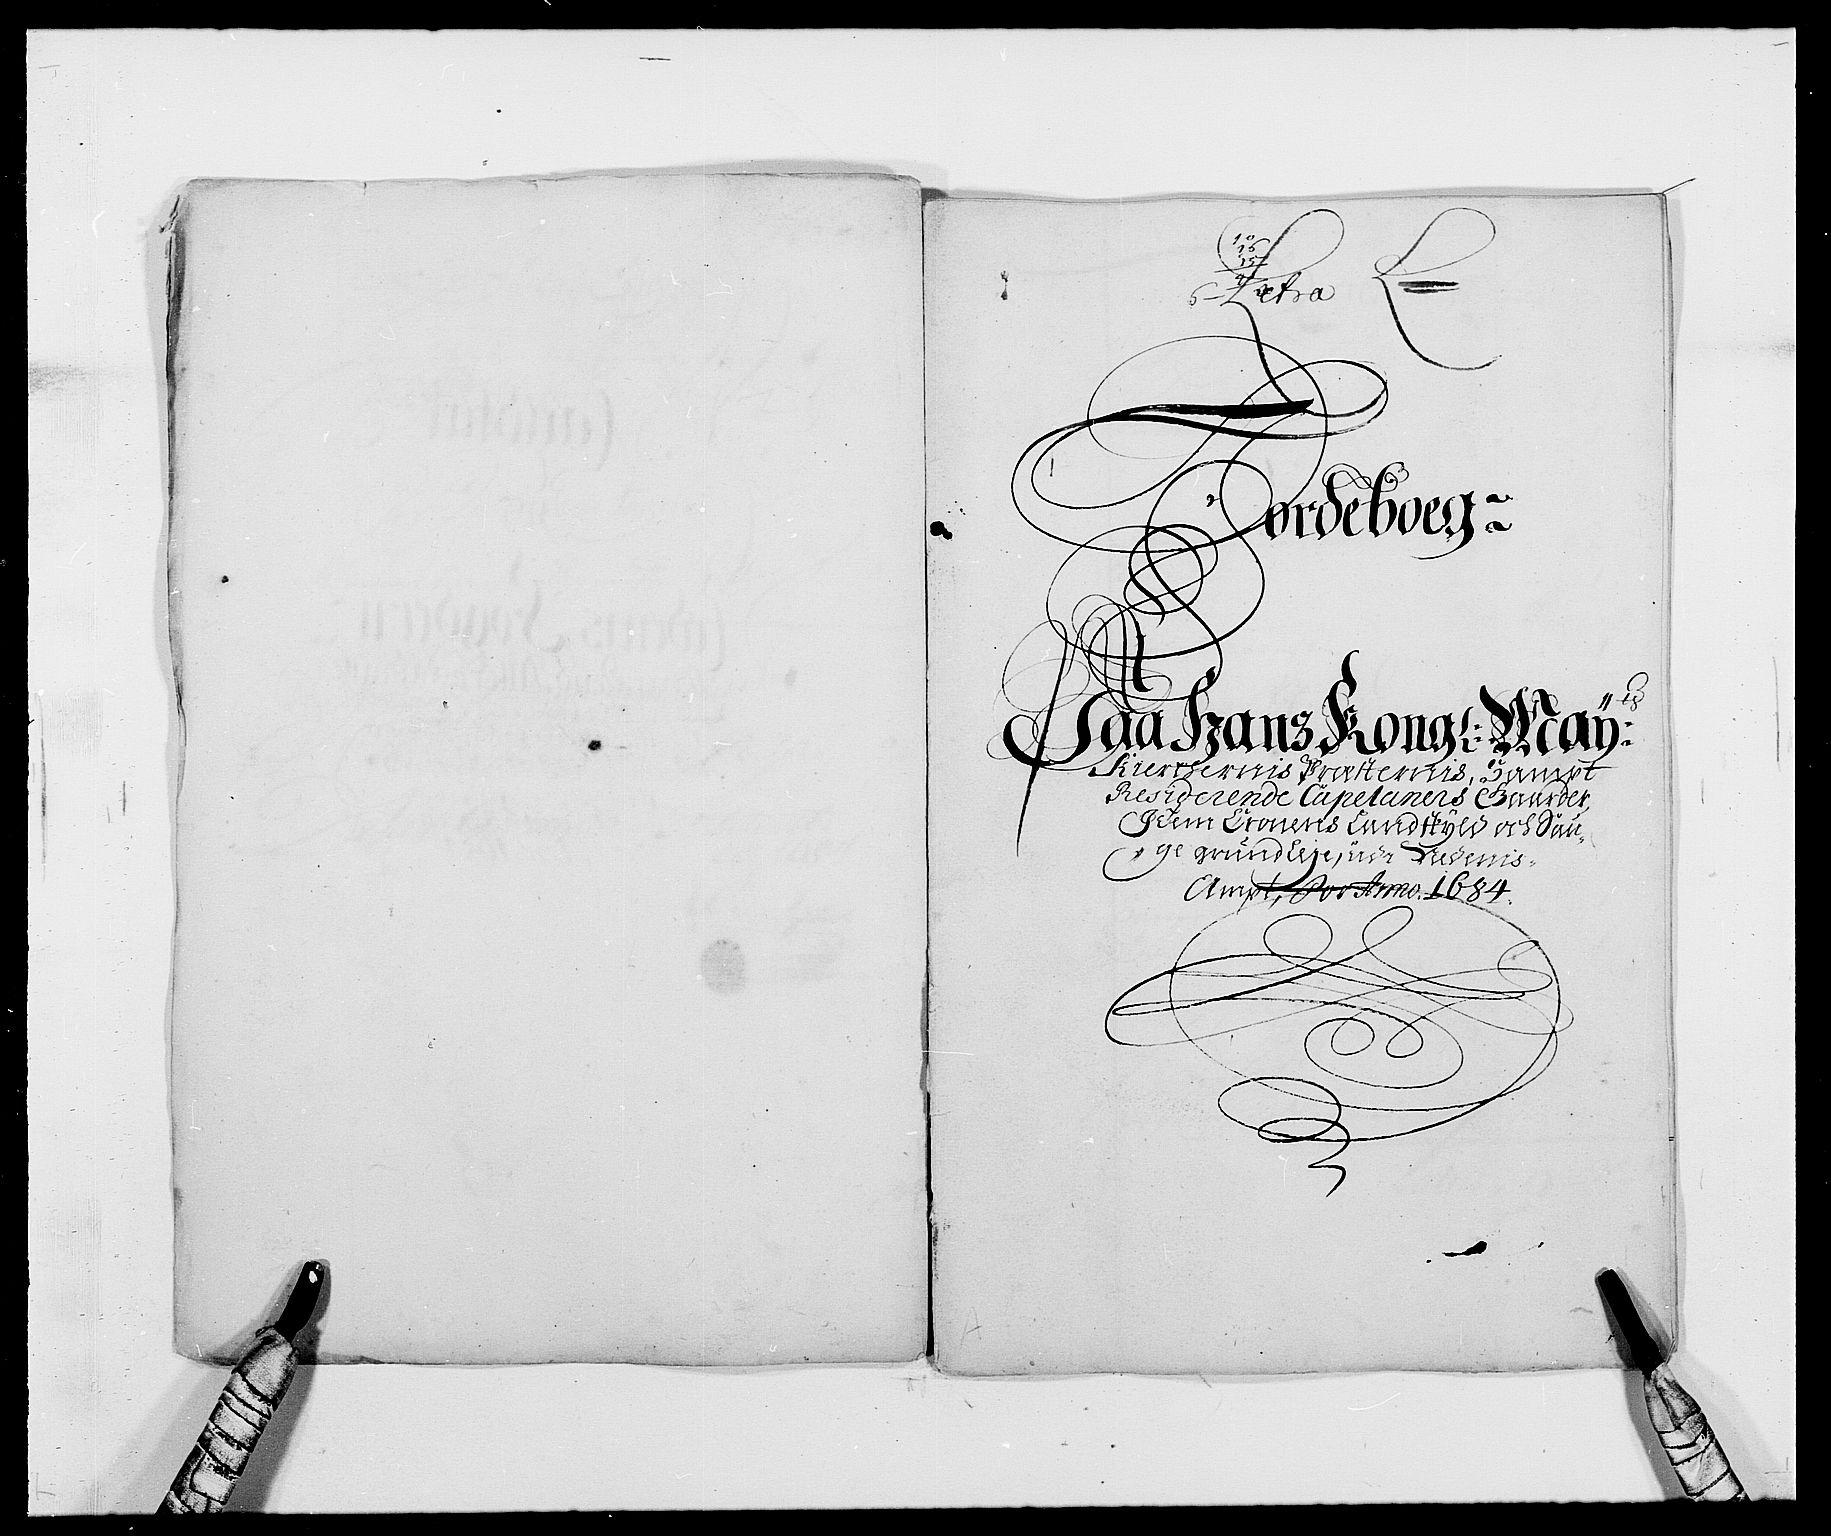 RA, Rentekammeret inntil 1814, Reviderte regnskaper, Fogderegnskap, R39/L2308: Fogderegnskap Nedenes, 1684-1689, s. 135